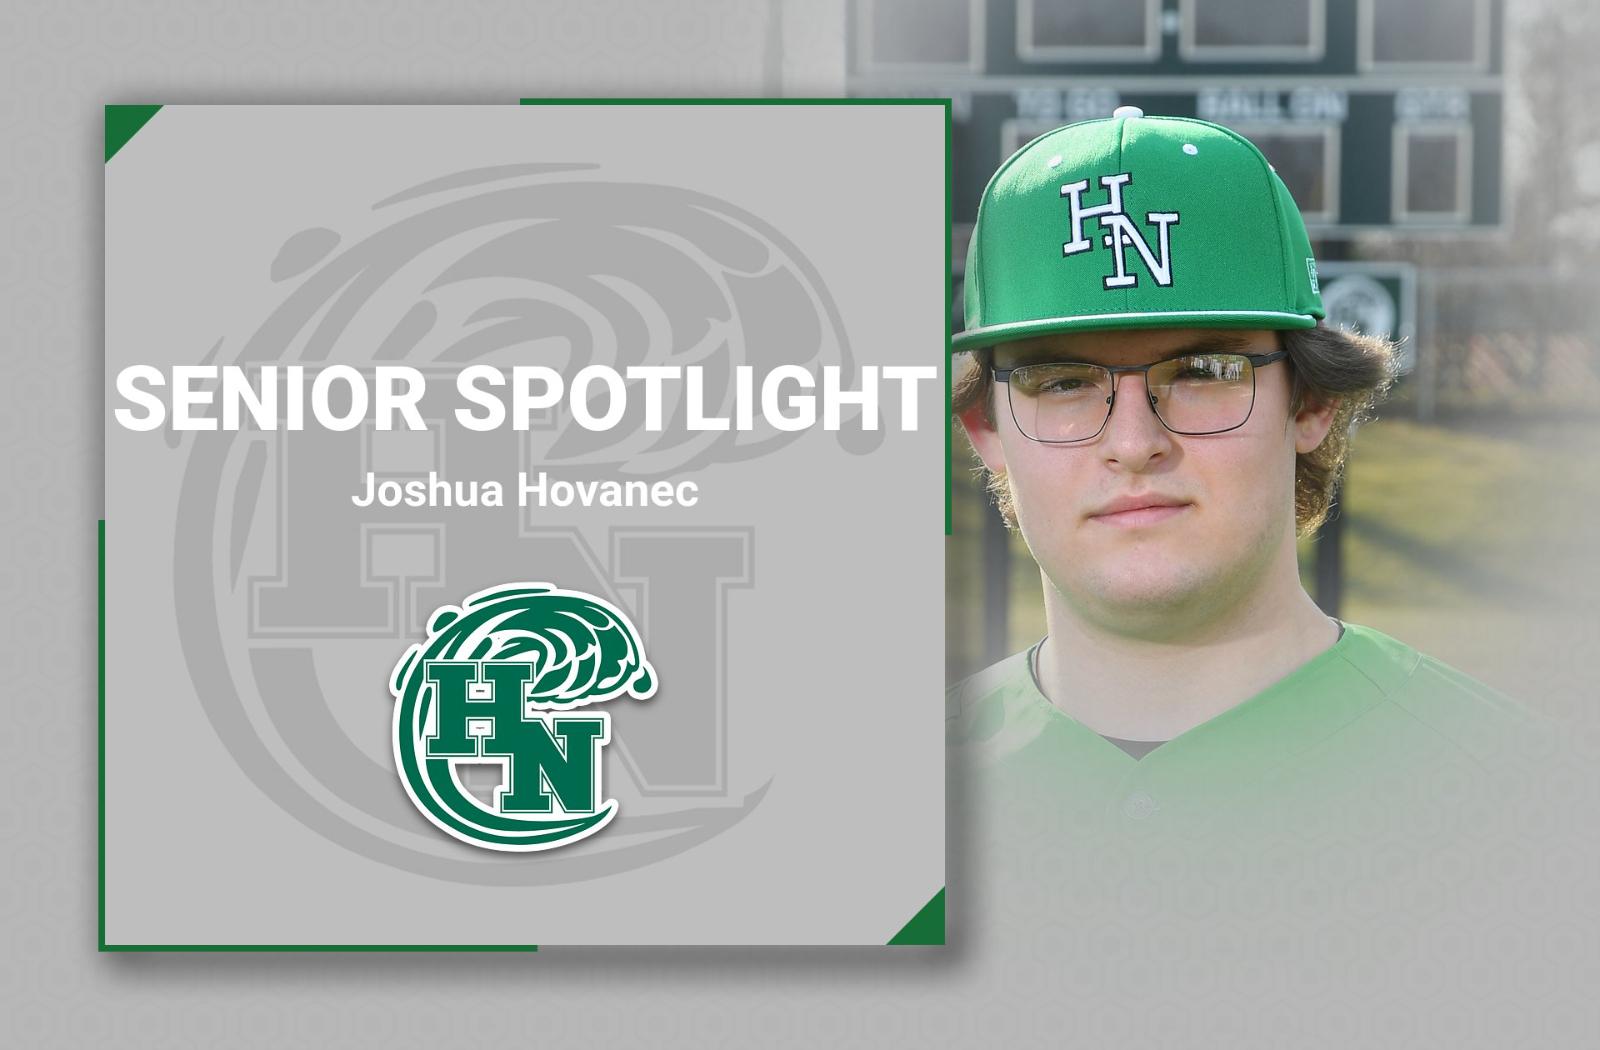 Senior Spotlight: Joshua Hovanec